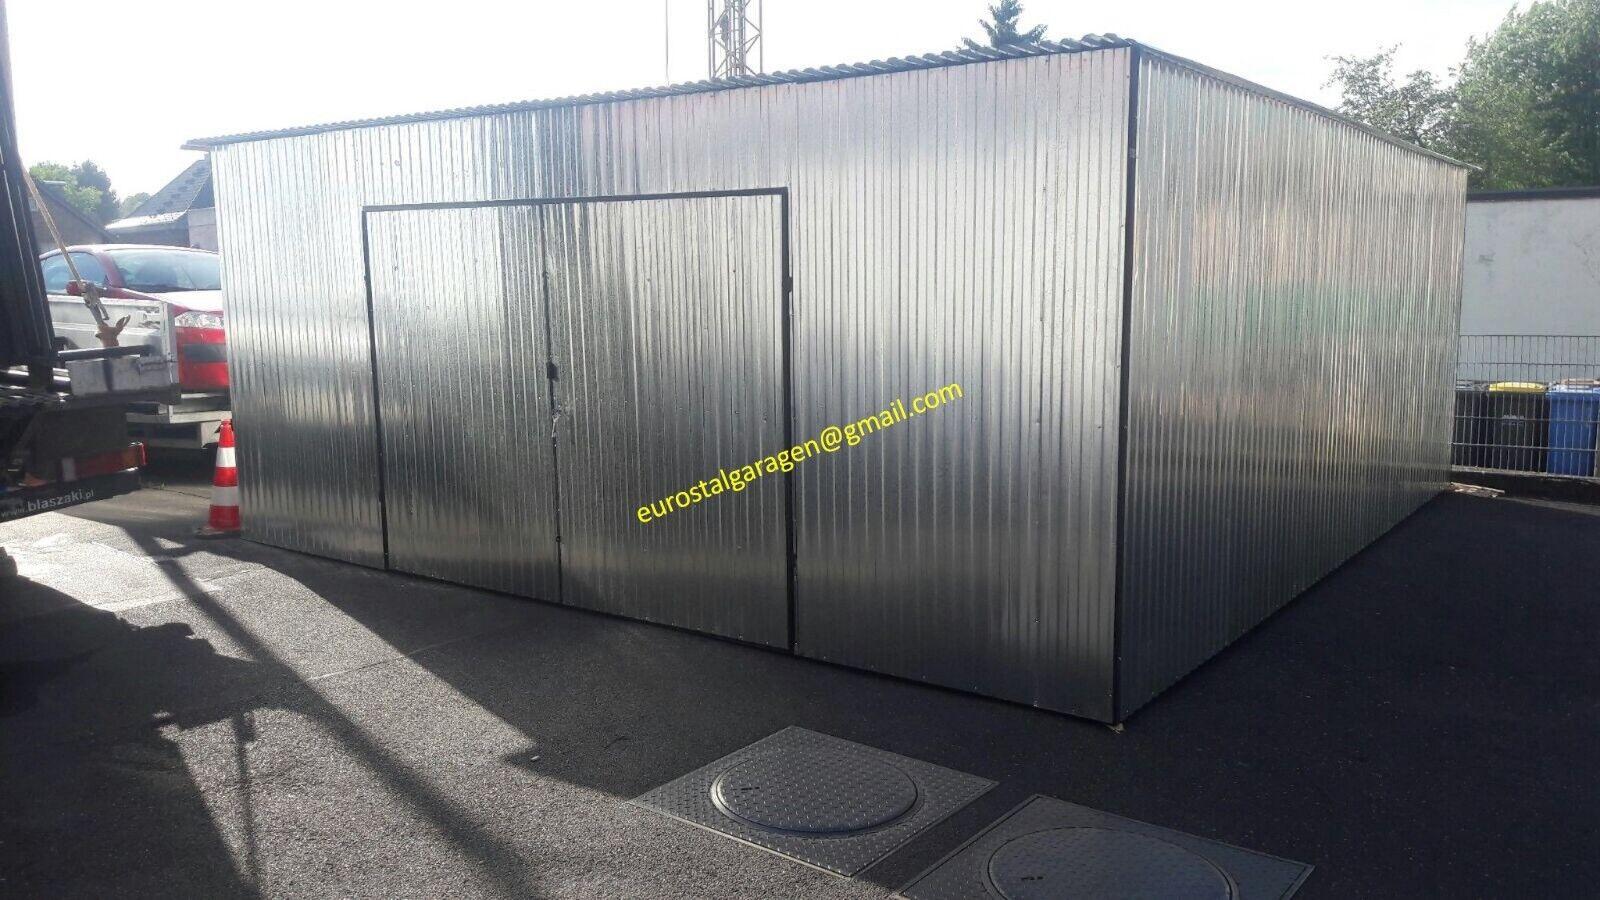 Blechgarage 6x6x2,5 Blechhalle Blechgaragen Schuppe 4Kantprofil verzinkt +Aufbau